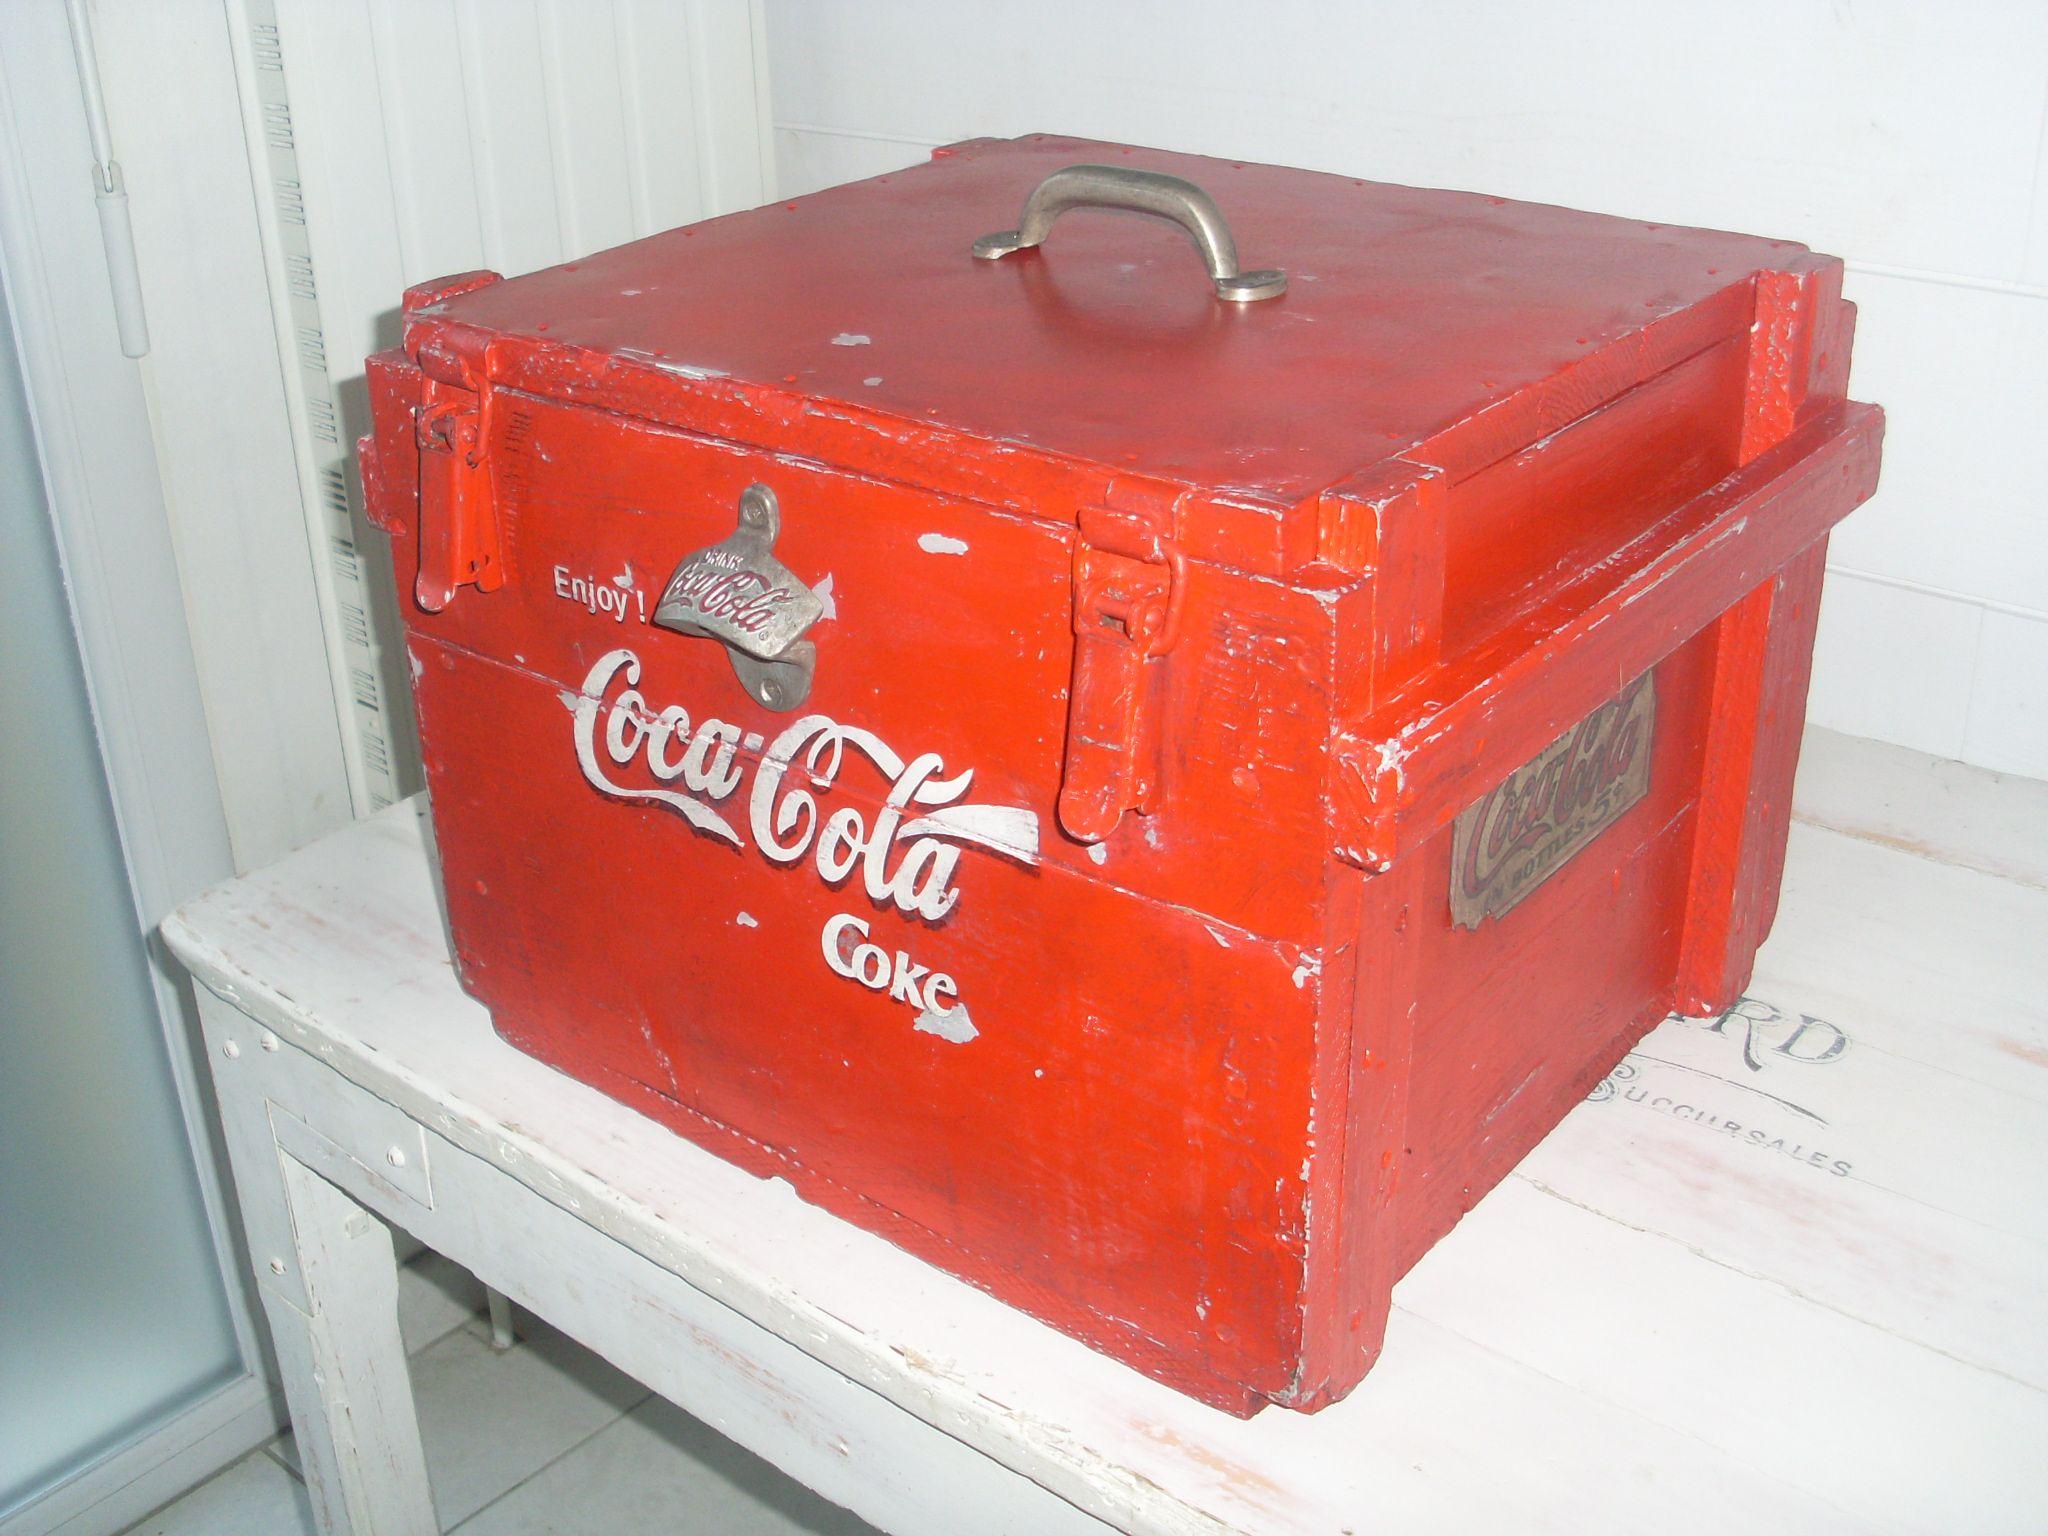 boite coca cola ancienne caisse de munitions peintures d coration vintage pinterest. Black Bedroom Furniture Sets. Home Design Ideas